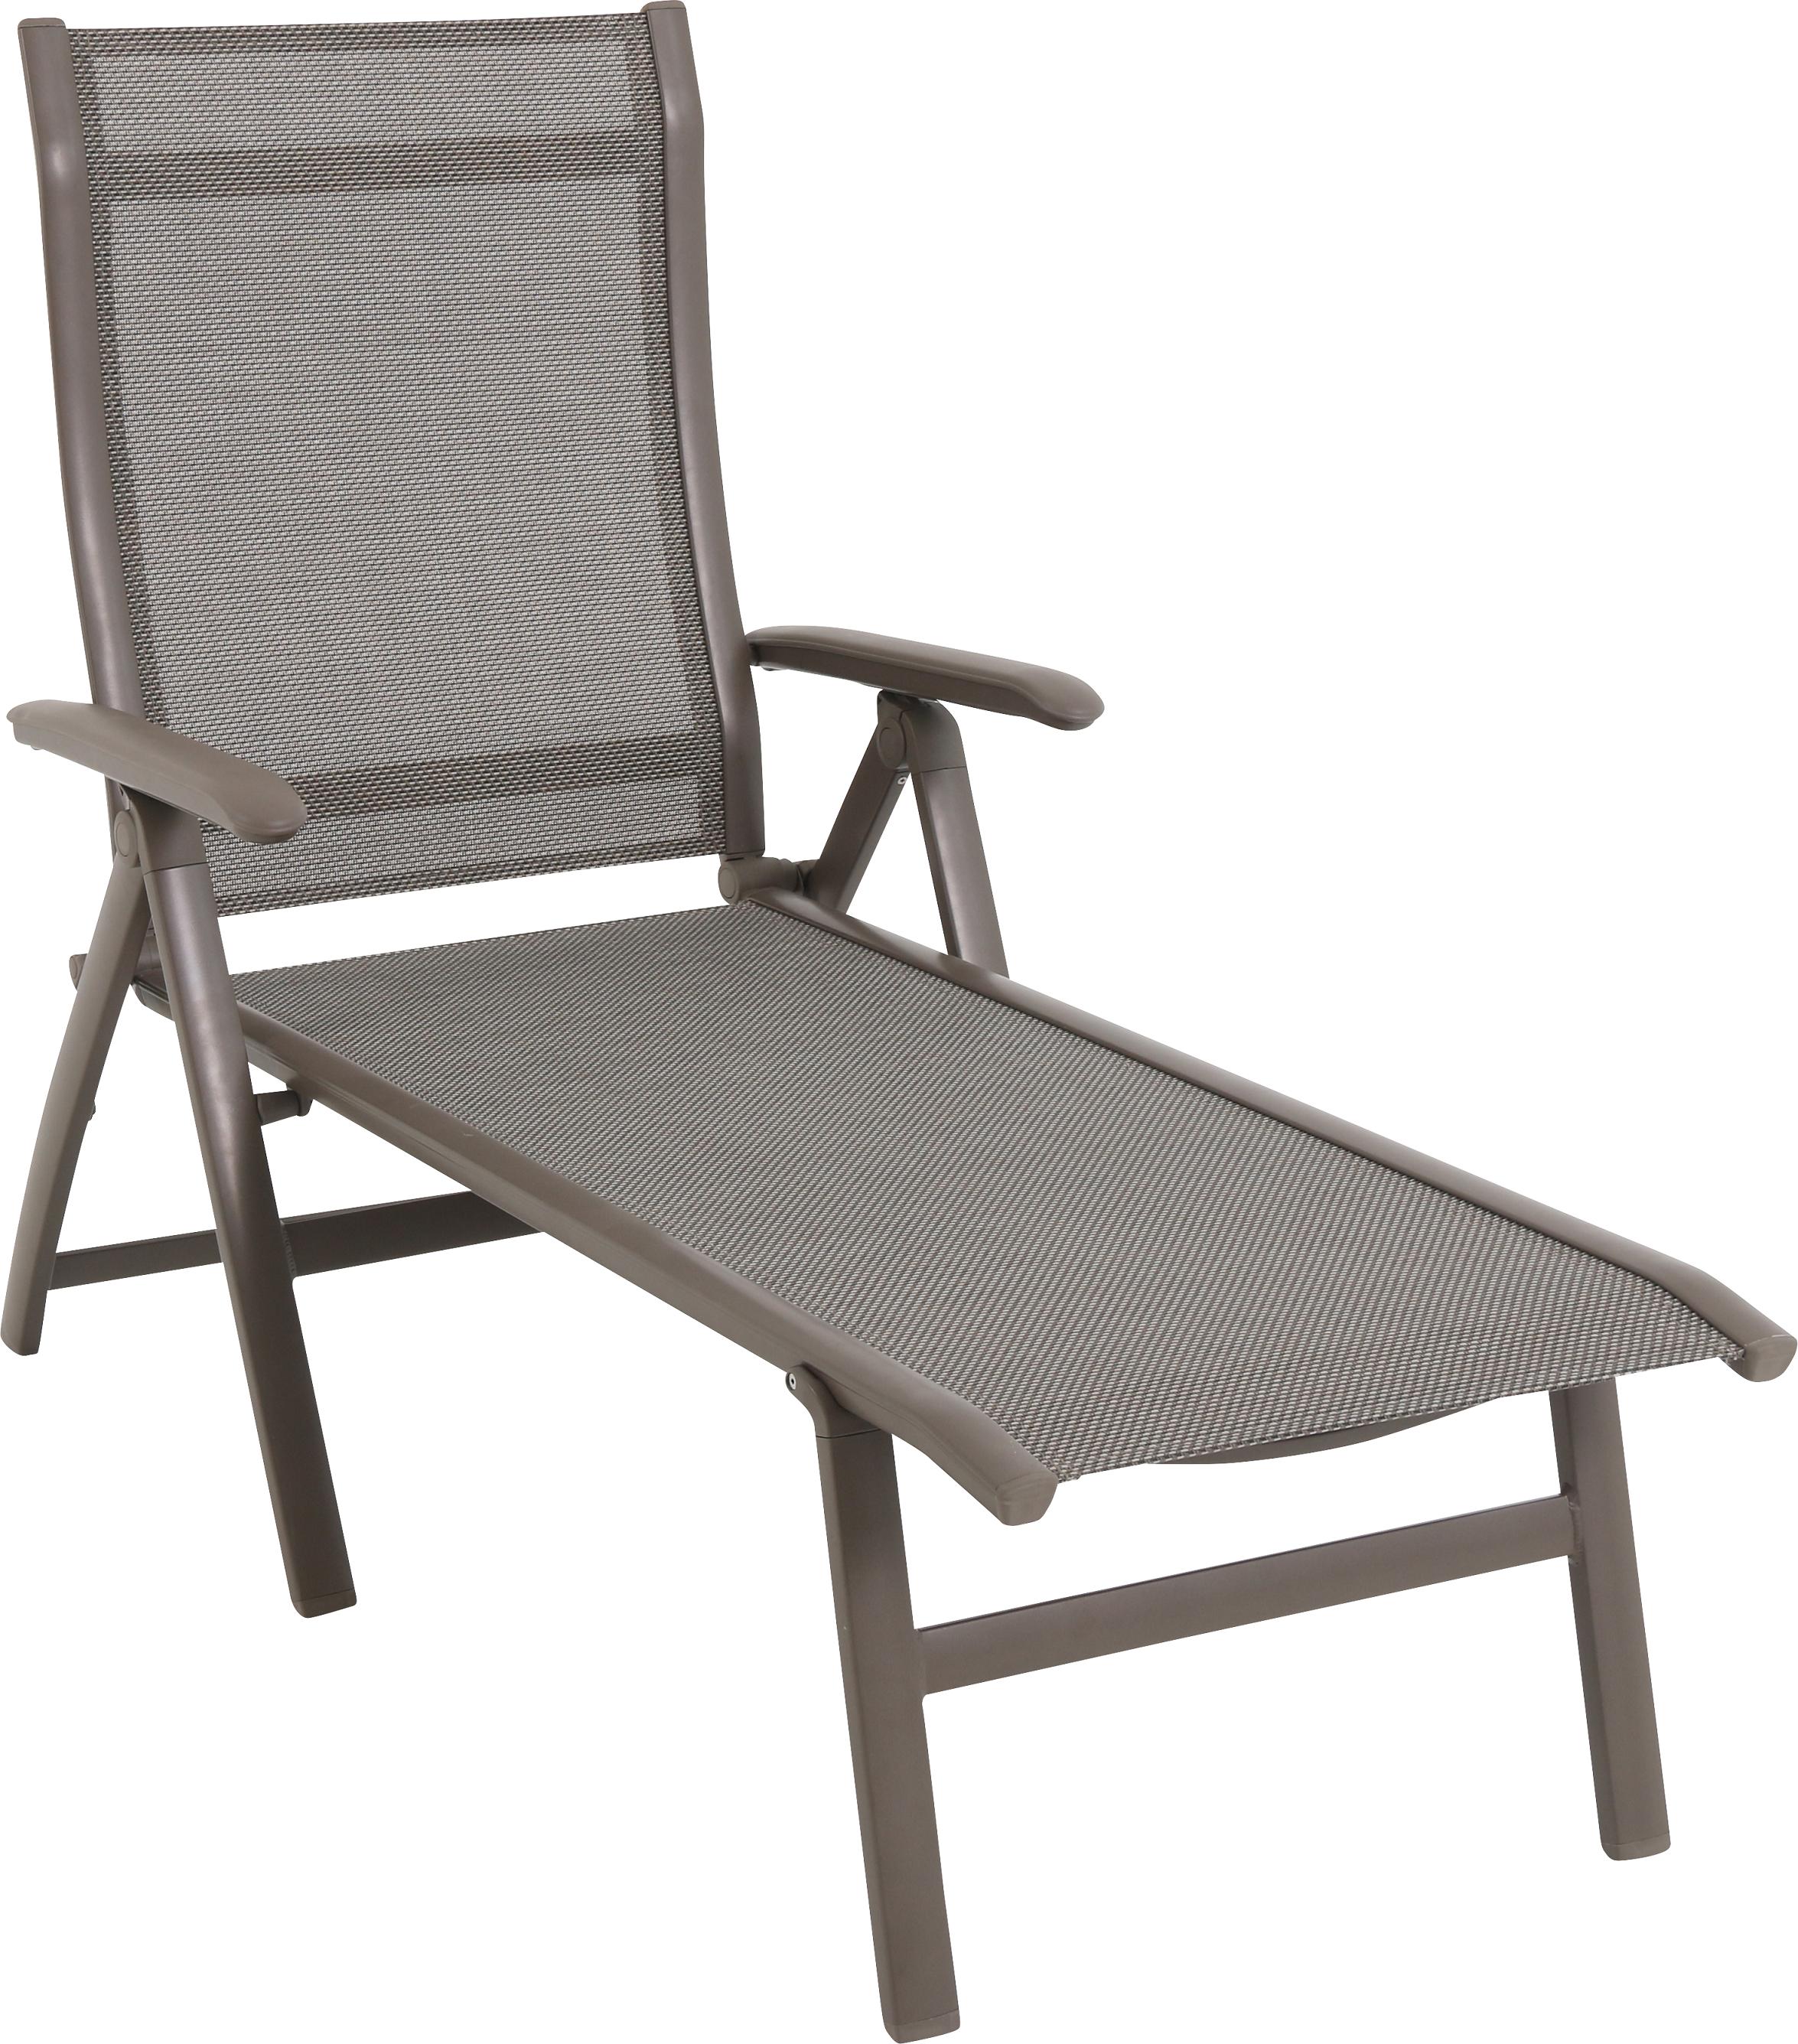 alu klappliege xxl komfort sonnenliege schwarz. Black Bedroom Furniture Sets. Home Design Ideas